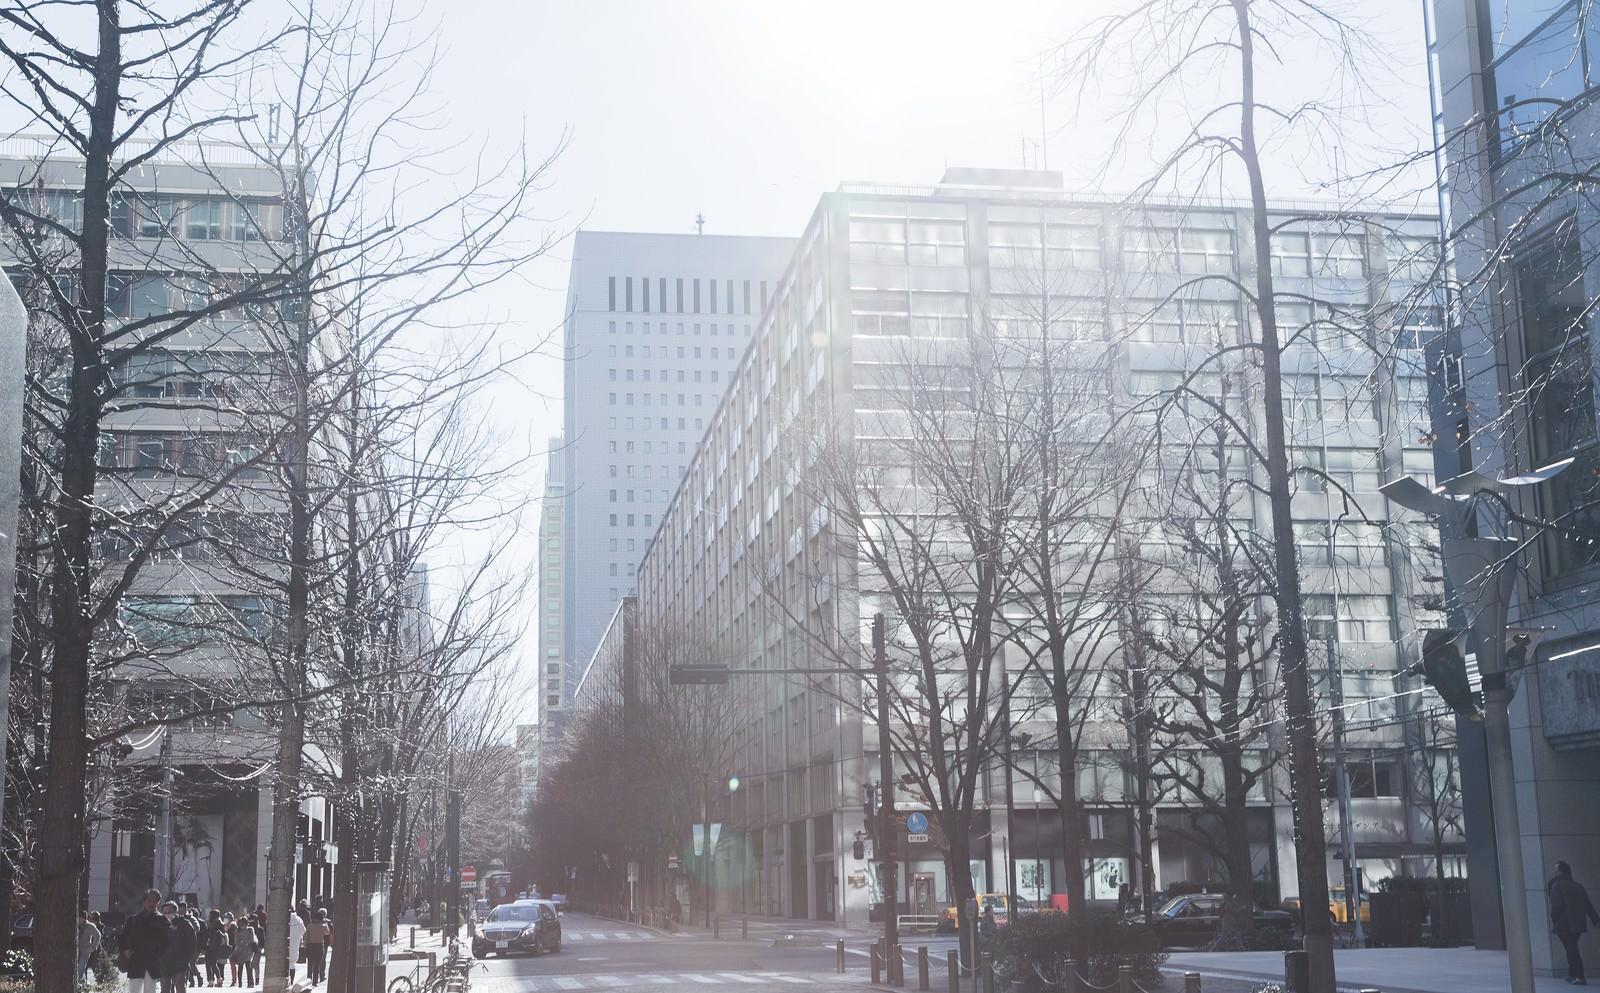 「日差しが温かい街並み」の写真